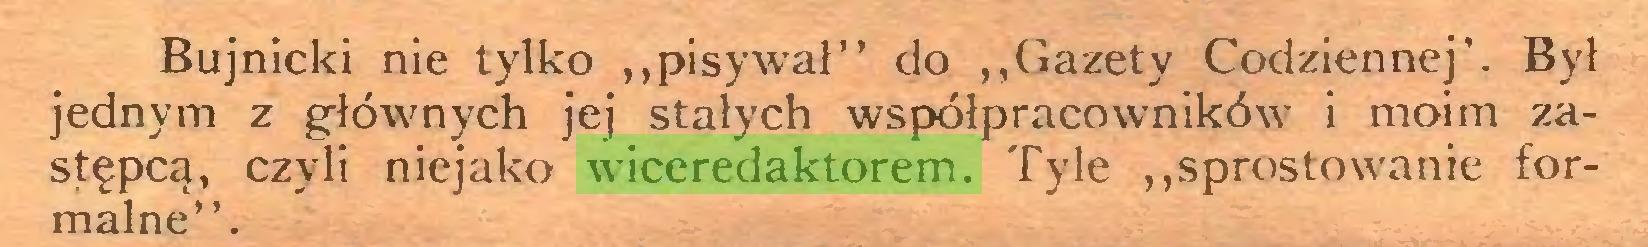 """(...) Bujnicki nie tylko """"pisywał"""" do """"Gazety Codziennej'. Był jednym z głównych jej stałych współpracowników i moim zastępcą, czyli niejako wiceredaktorem. Tyle """"sprostowanie formalne""""..."""